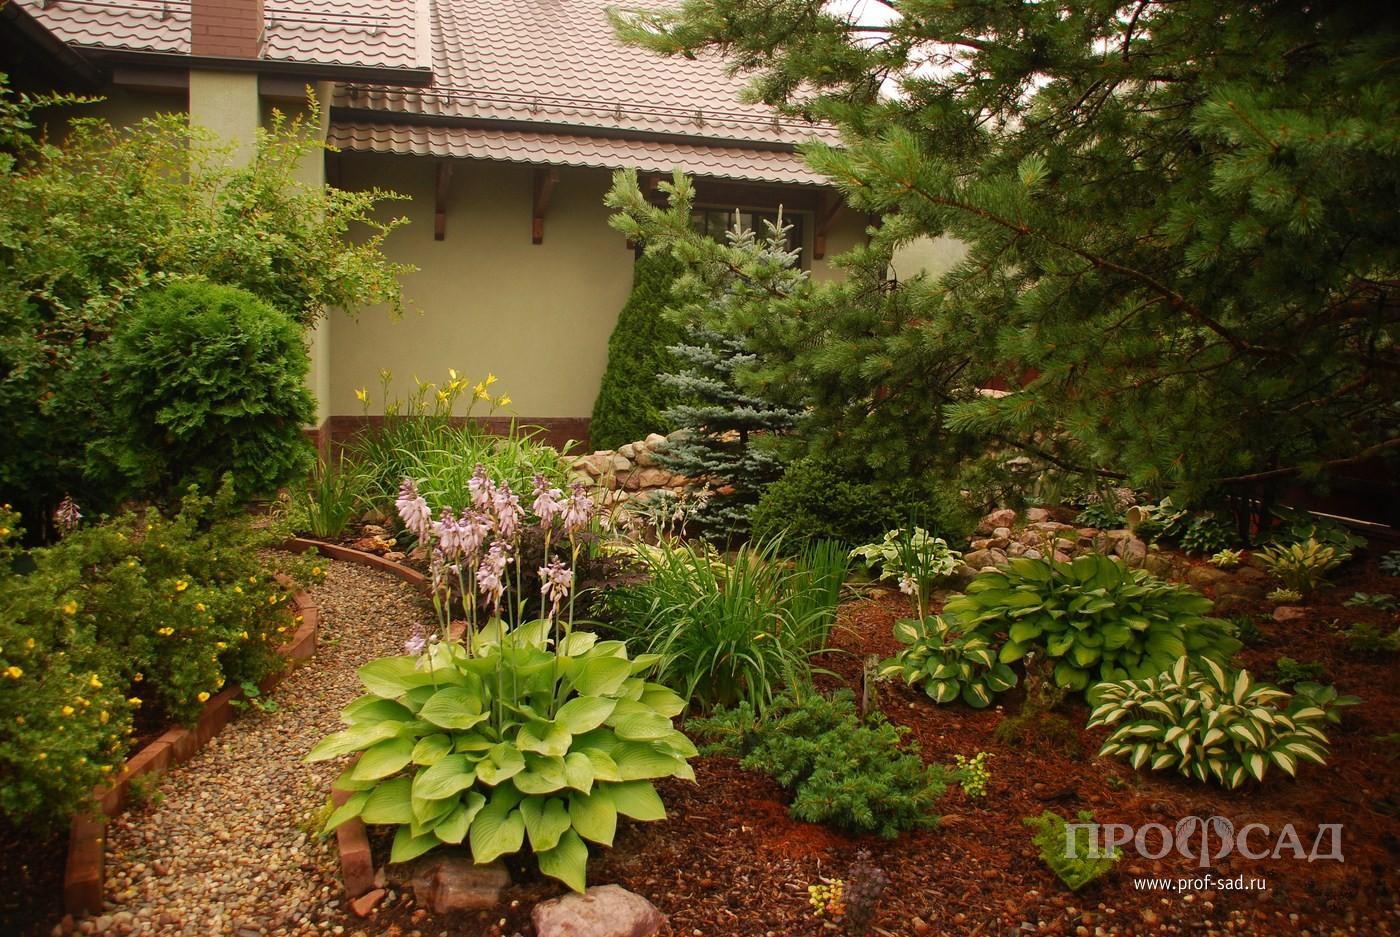 Хосты в саду дизайн